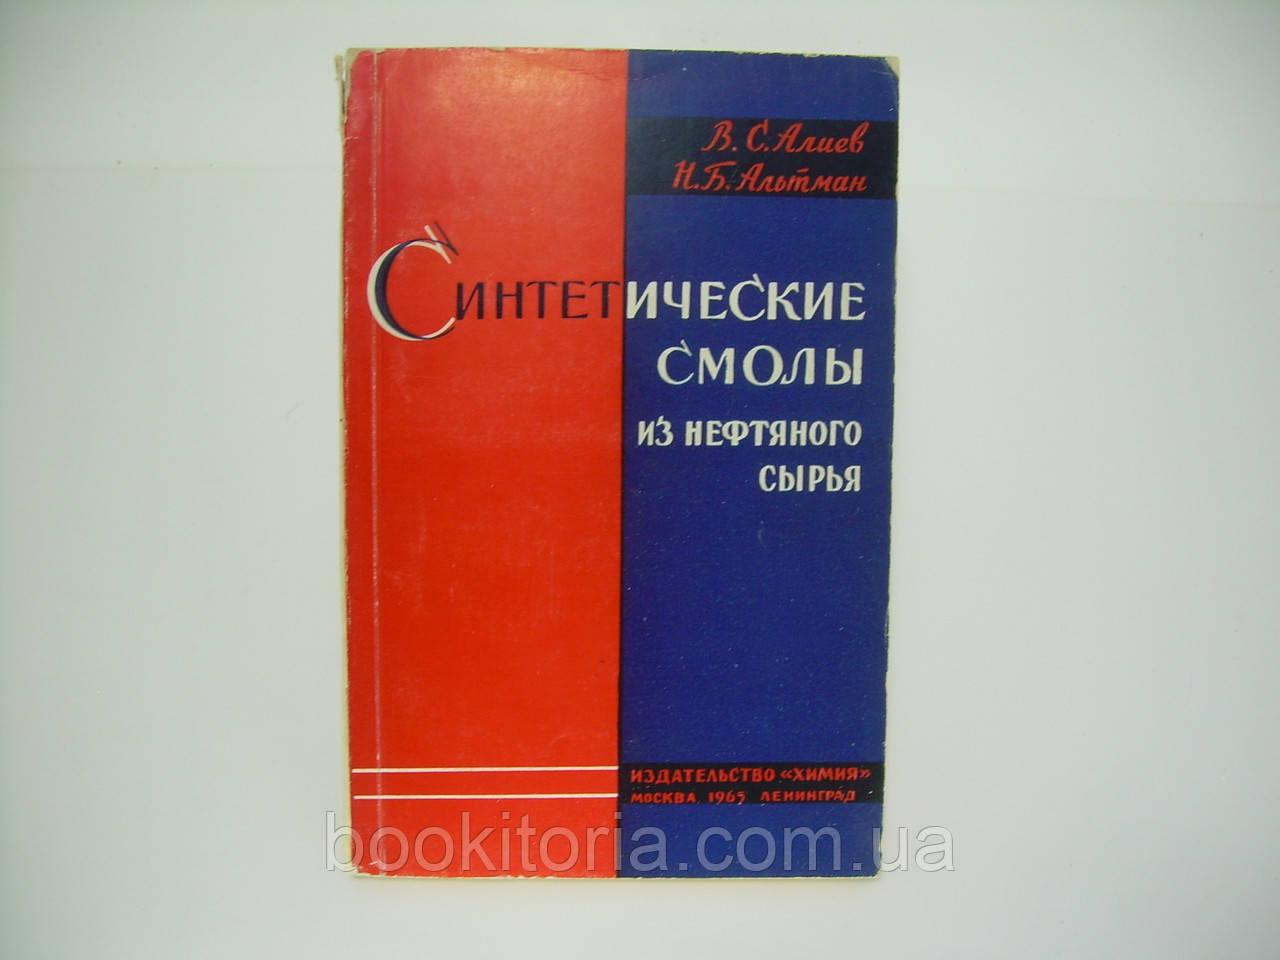 Алиев В.с. и др. Синтетические смолы из нефтяного сырья (б/у).